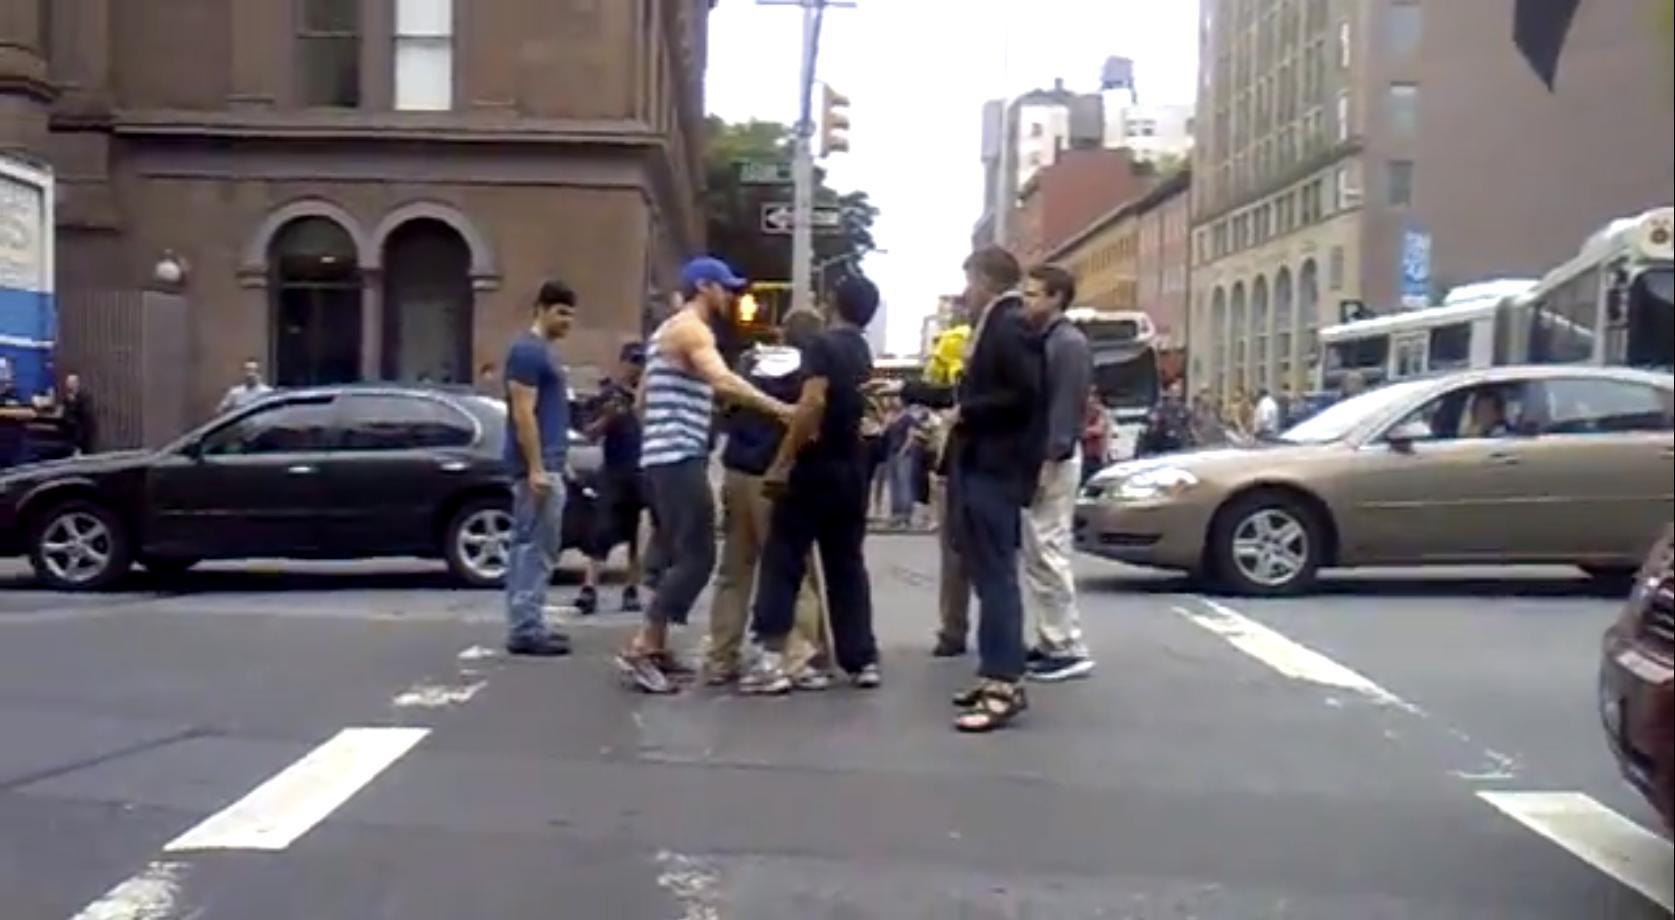 Ryan Gosling breaks up street fight